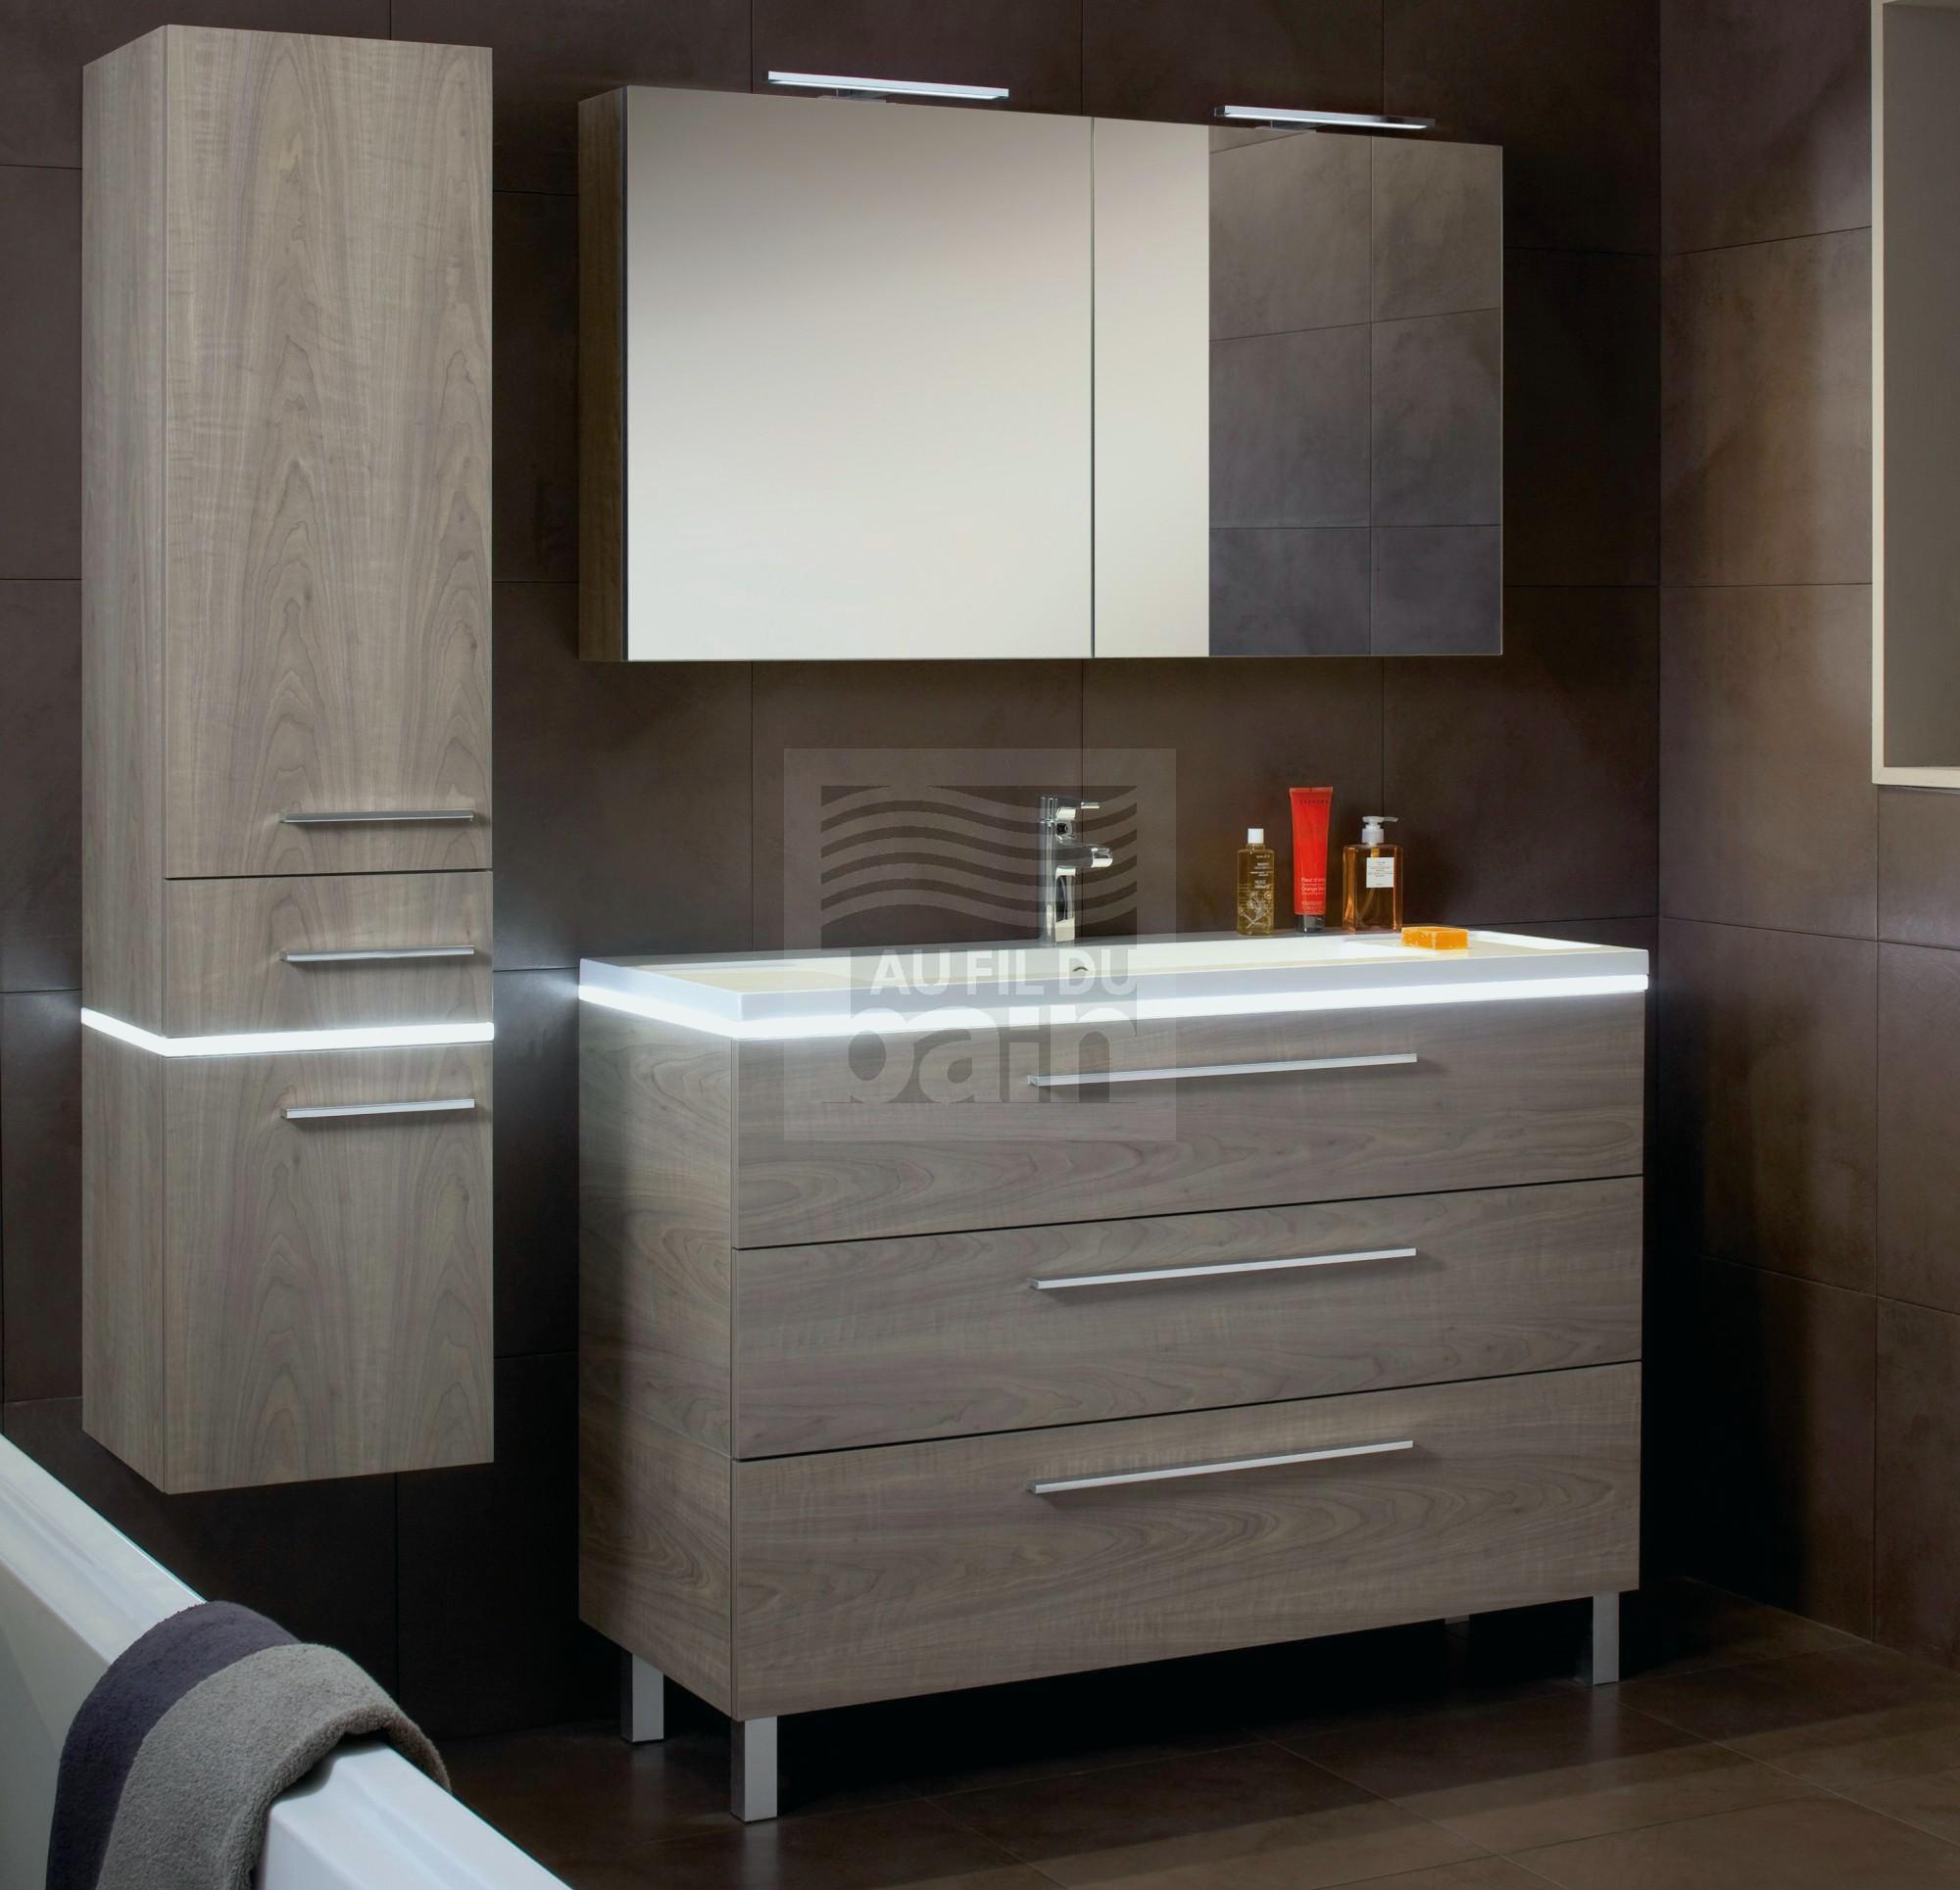 Vasque à Poser Ikea Inspirant Images Meuble Pour Vasque 0 Salle De Bain Pratique Stunning Tablette S